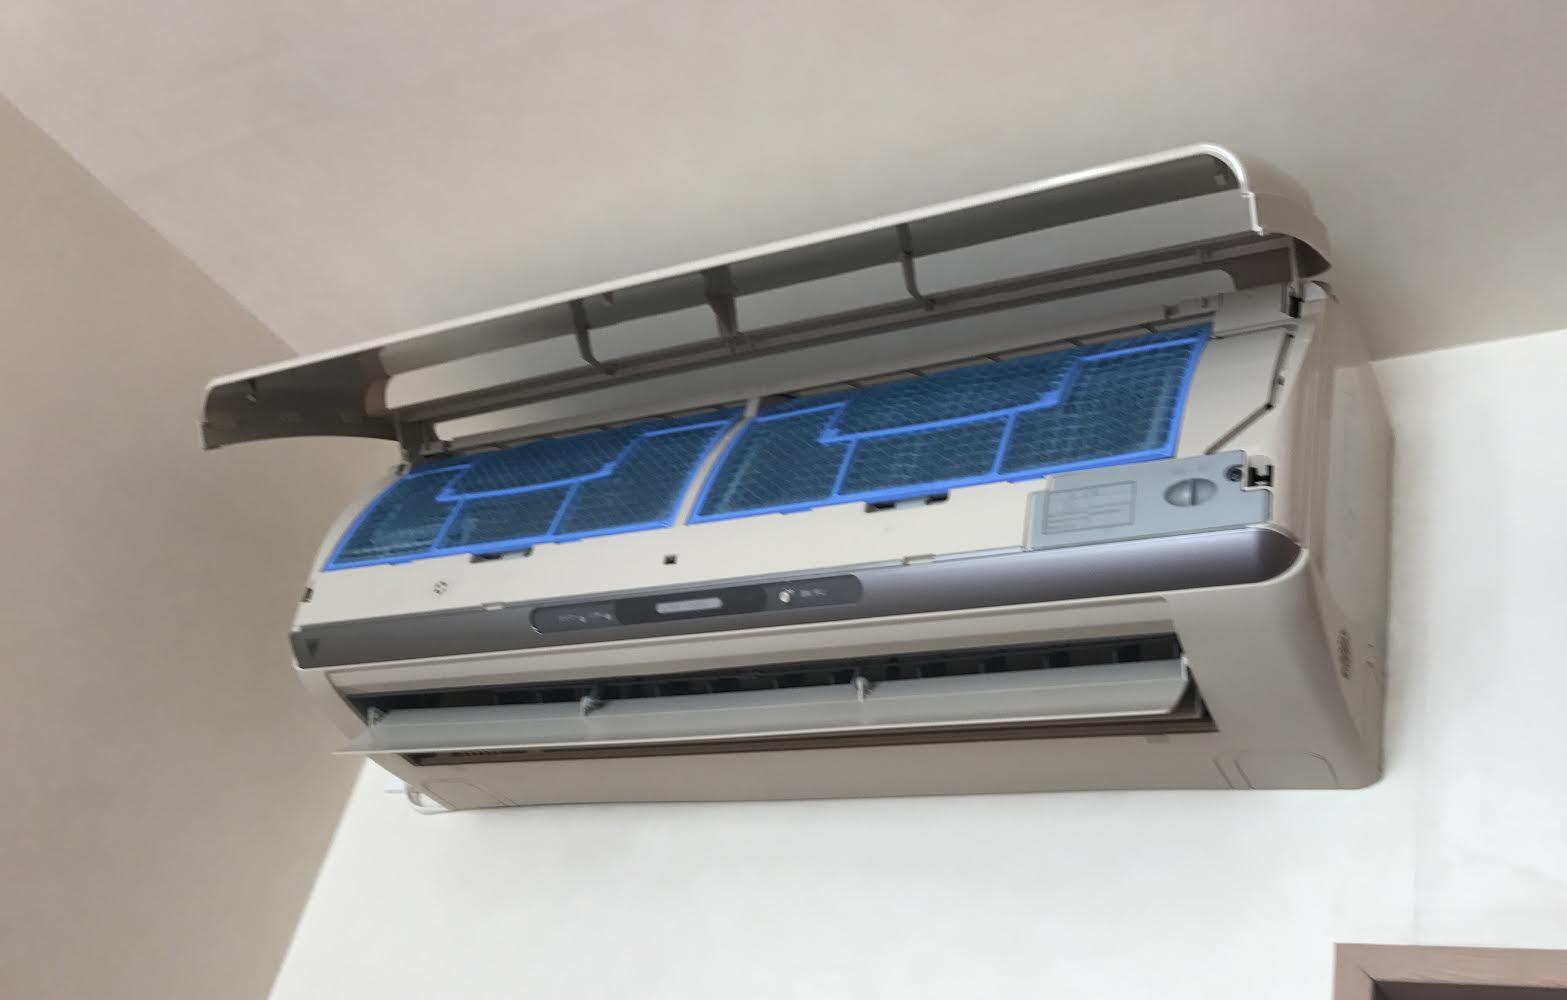 【一般タイプエアコン】前面パネルを開けるとフィルターがすぐ取れる。お掃除機能付きの場合は前面パネルを開けるとお掃除ユニットがありフィルターは奥に隠れています。